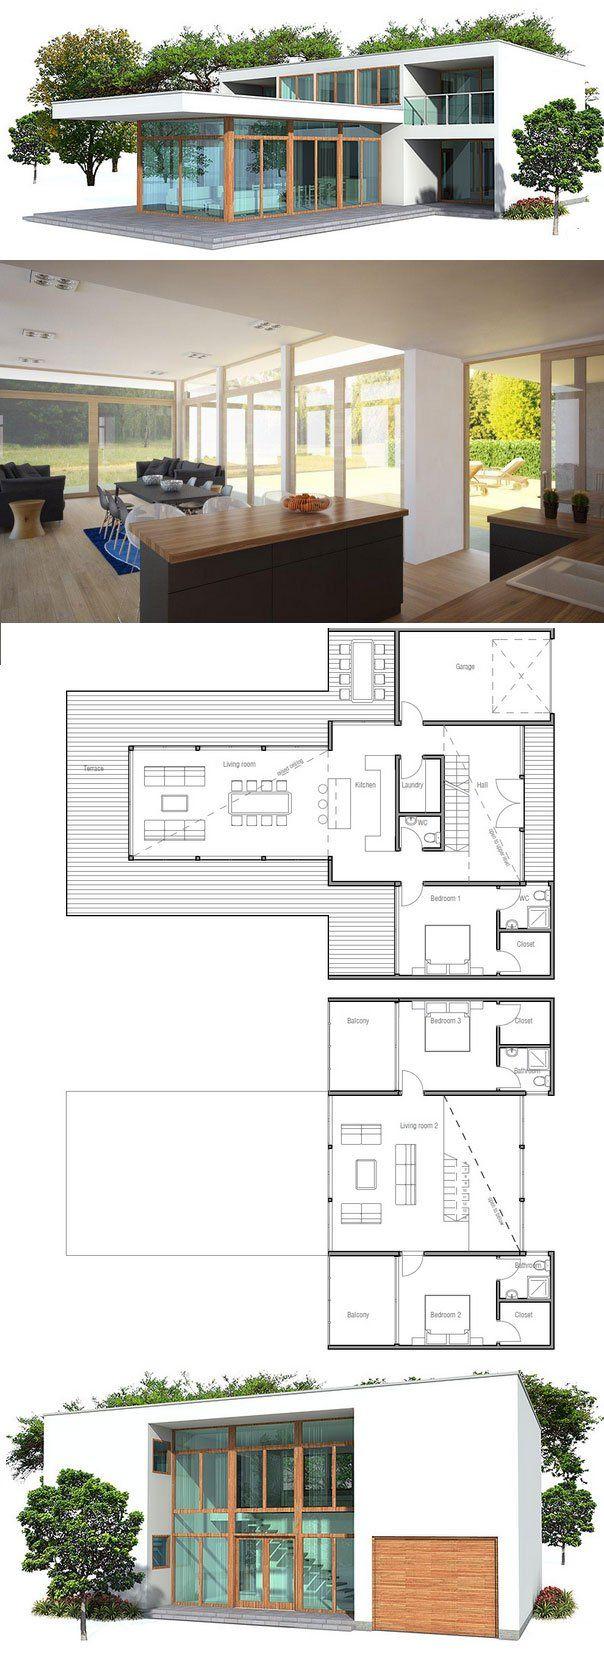 Modern House Plan. #Constrir es el #ARTE de CReAR Infraestructura... #CReOConstrucciones.